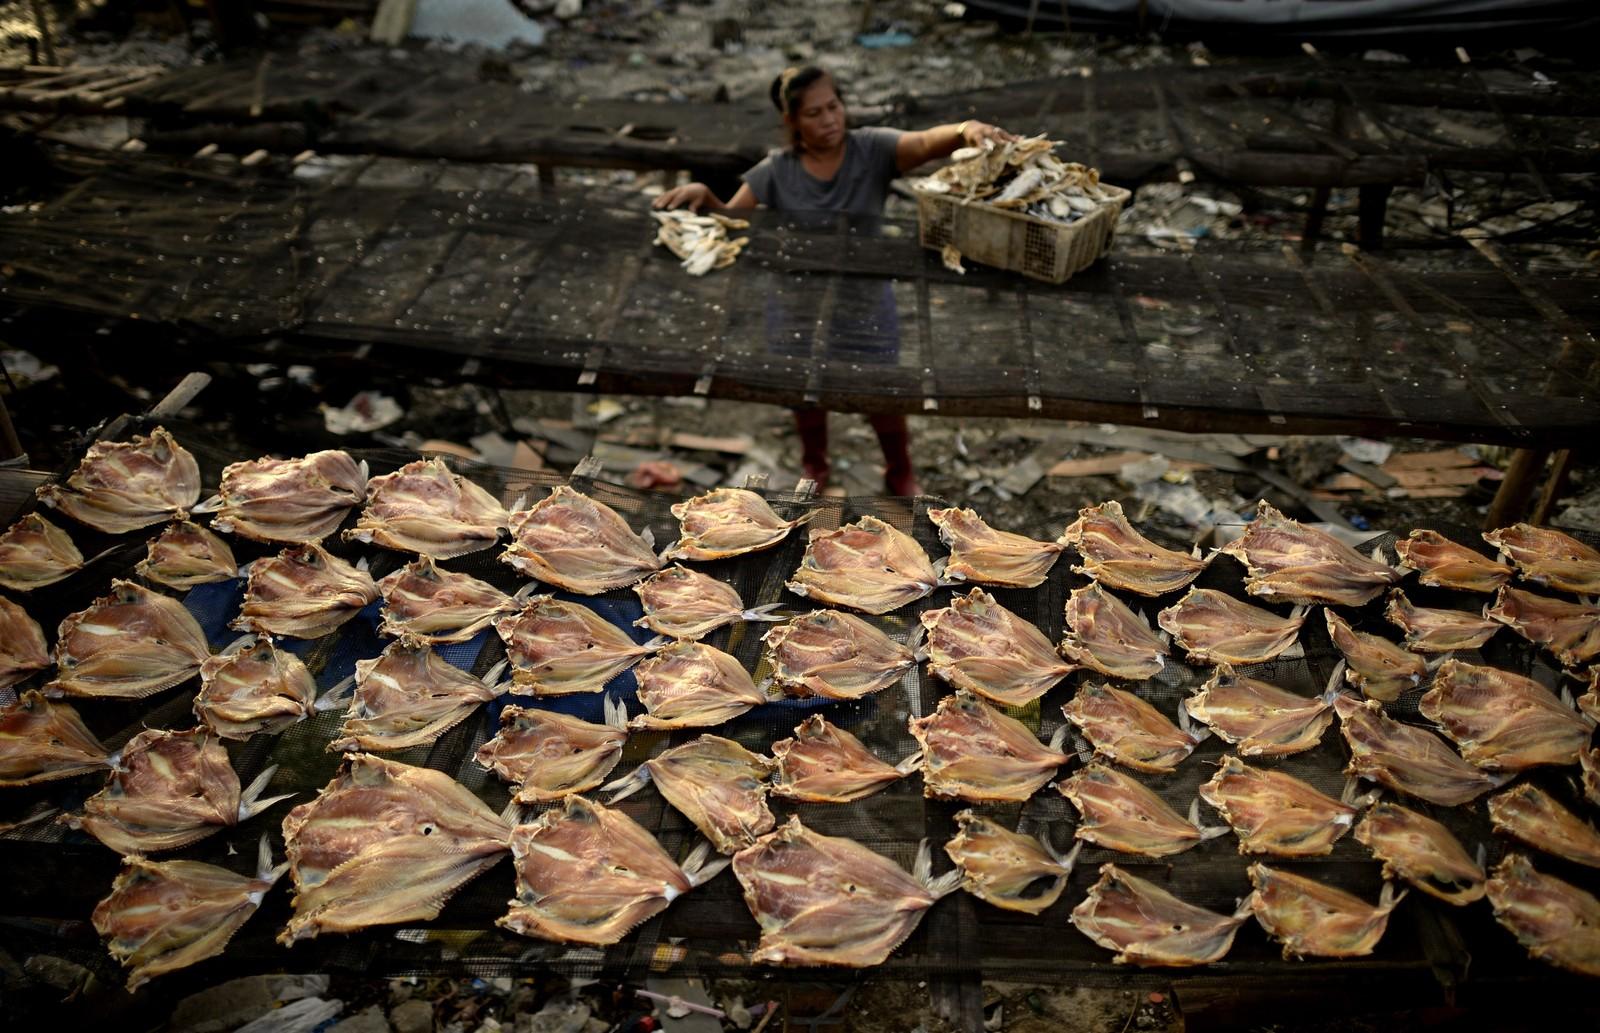 En kvinne samler tørka fisk i Manilla. Den filipinske kysten er utsatt for tyfoner, og landet ønsker at klimatoppmøtet i Paris skal ende i en bindende avtale om å kutte utslipp av drivhusgasser.